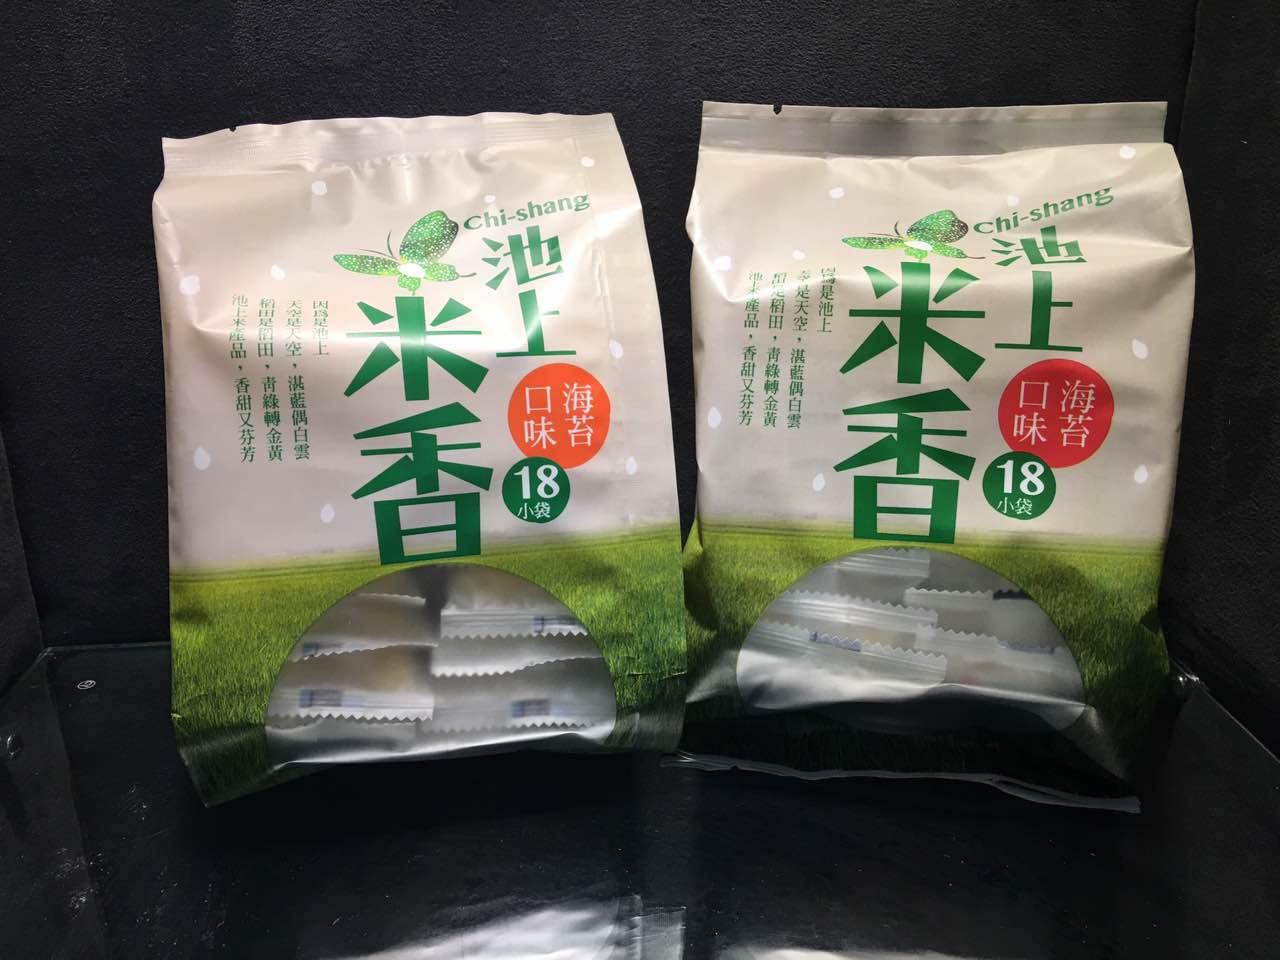 台湾直邮池上米饼米香海苔口味婴儿饼干幼儿辅食catie推荐180*2包